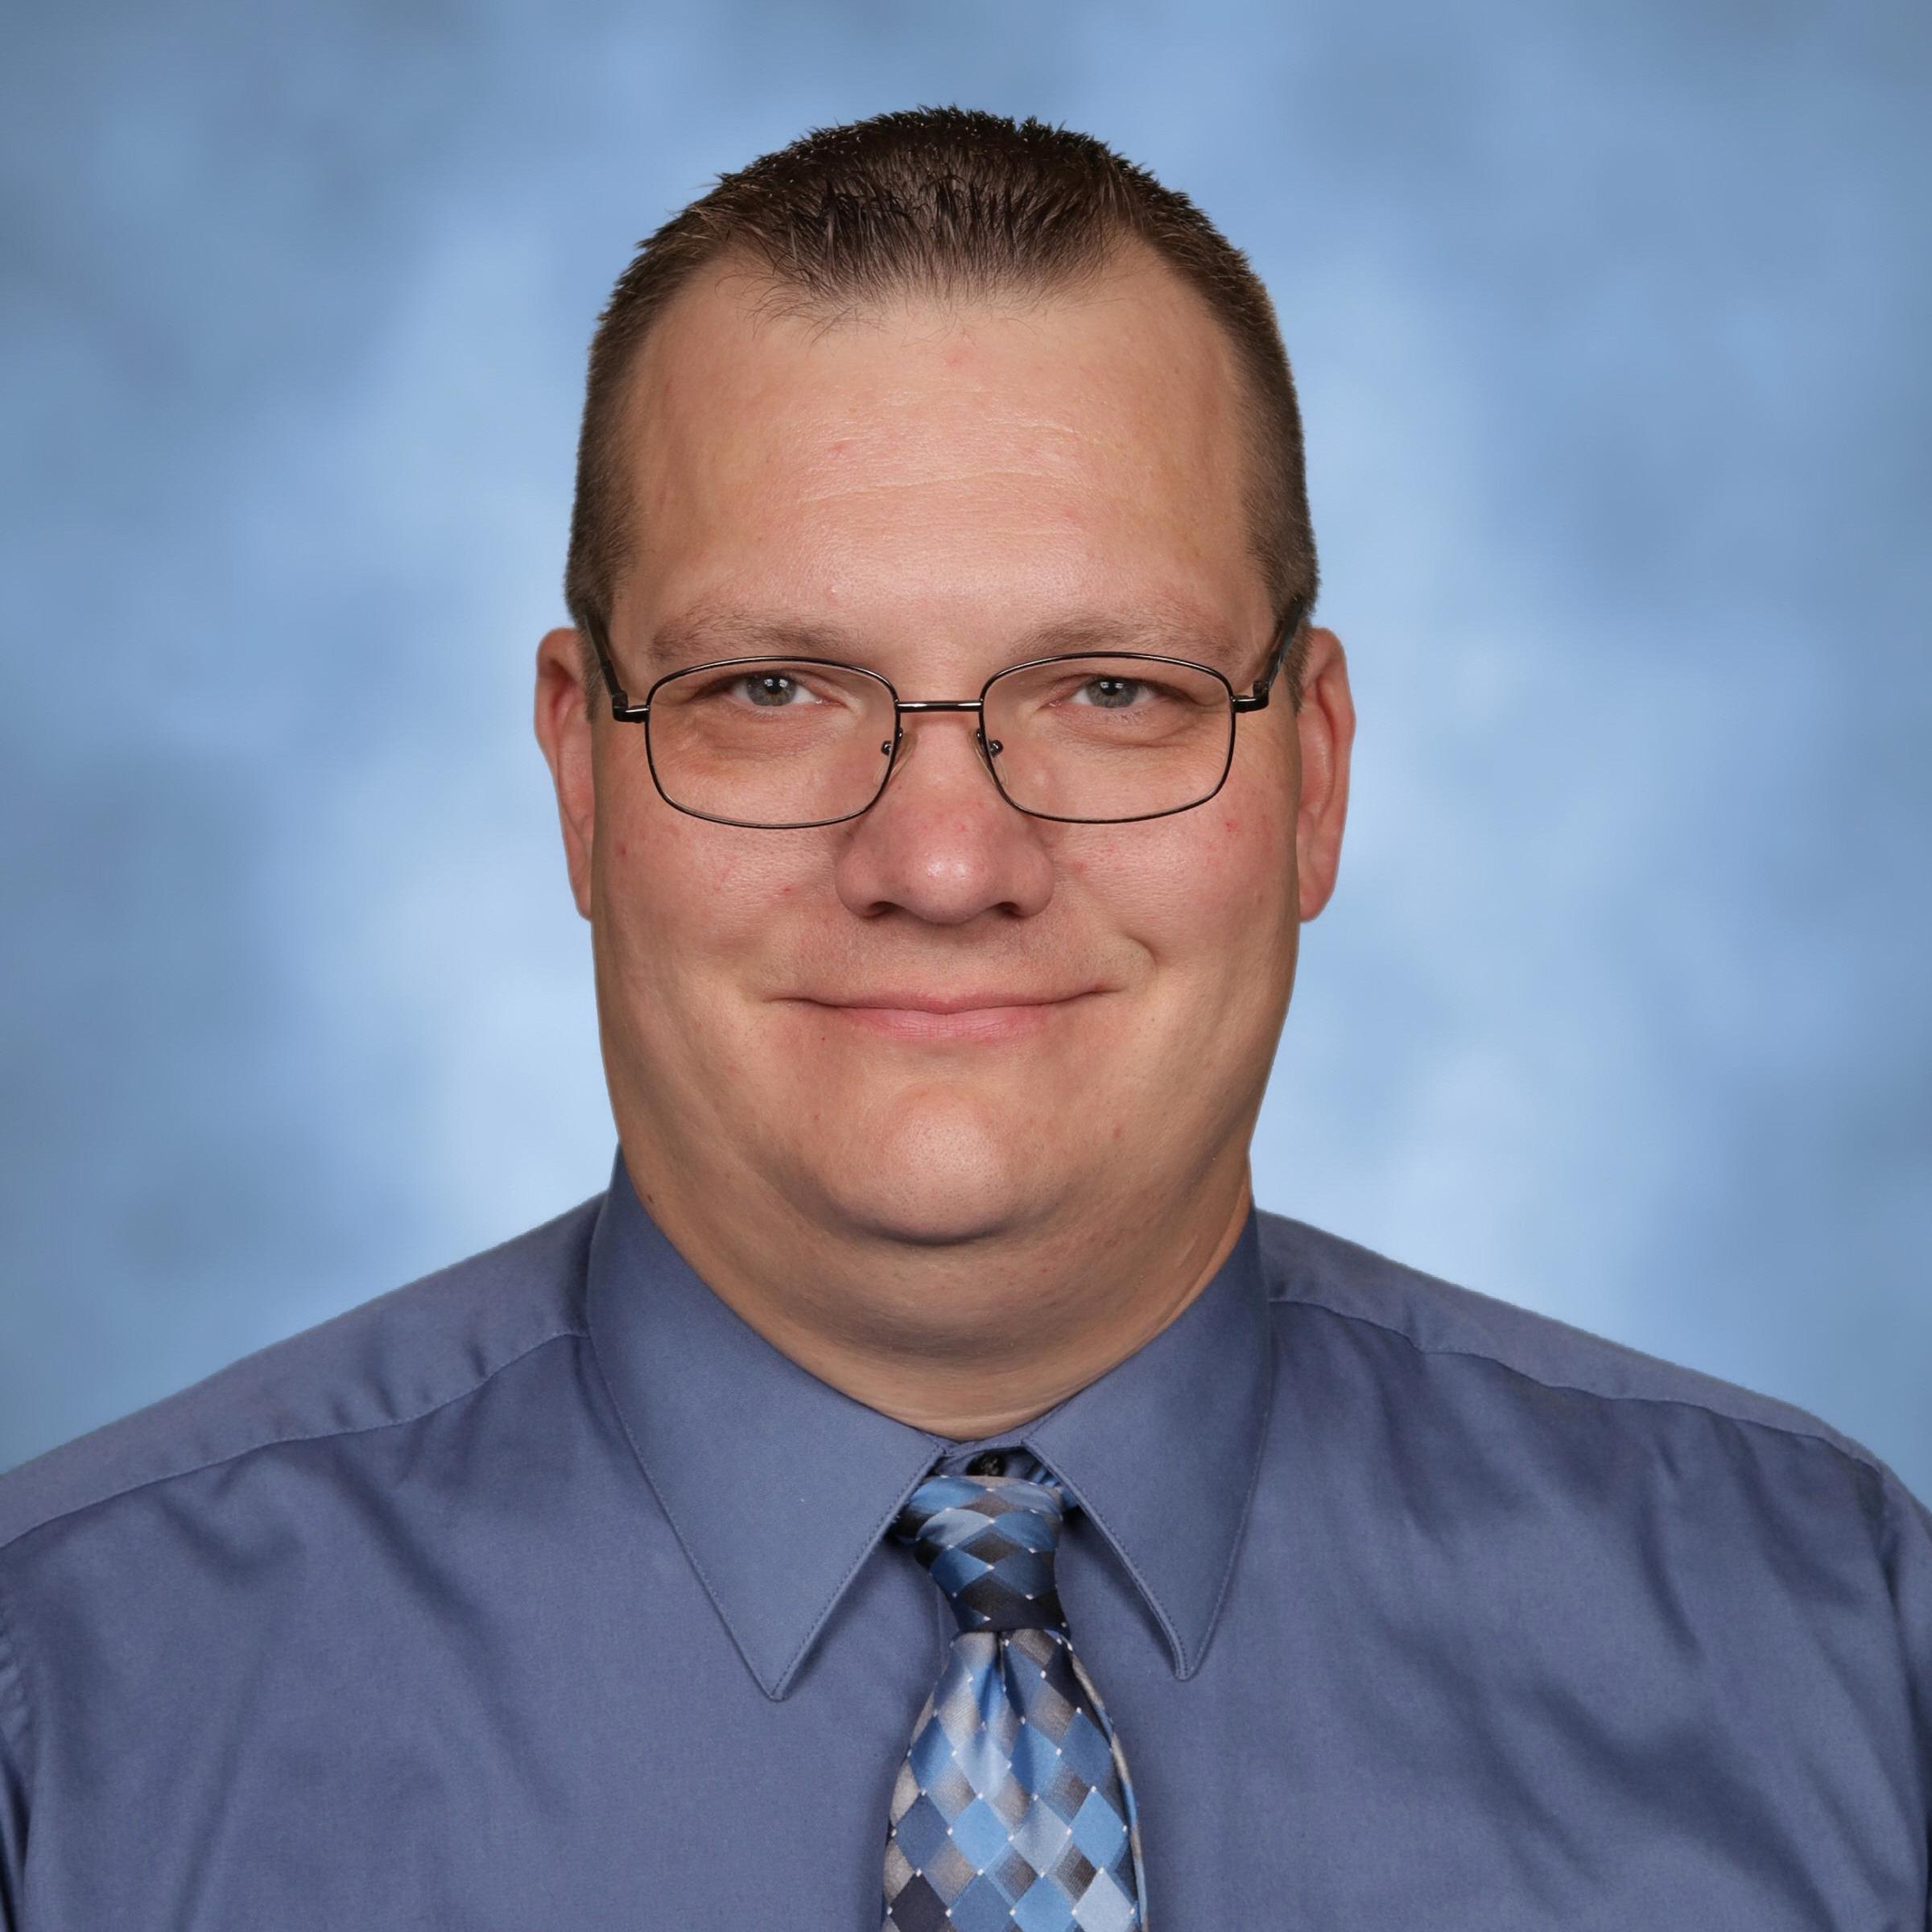 Chad Merricle's Profile Photo